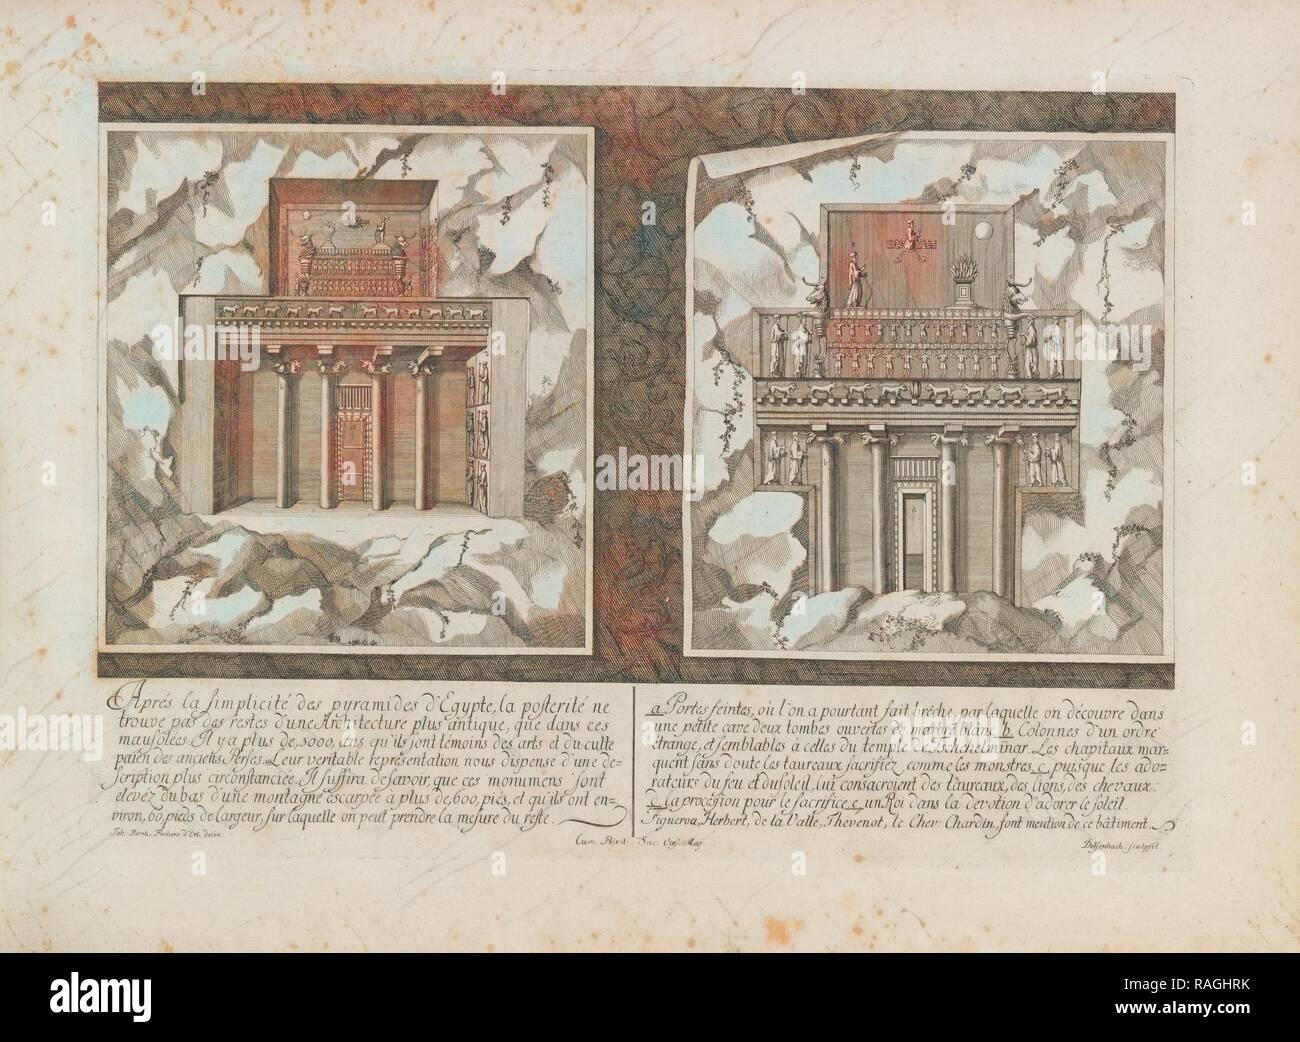 Les Saadiens de Persepolis, Entwurff einer historischen Architectur: in Abbildung unterschiedener berühmten töpfermarkt Neuerfundene Stockbild